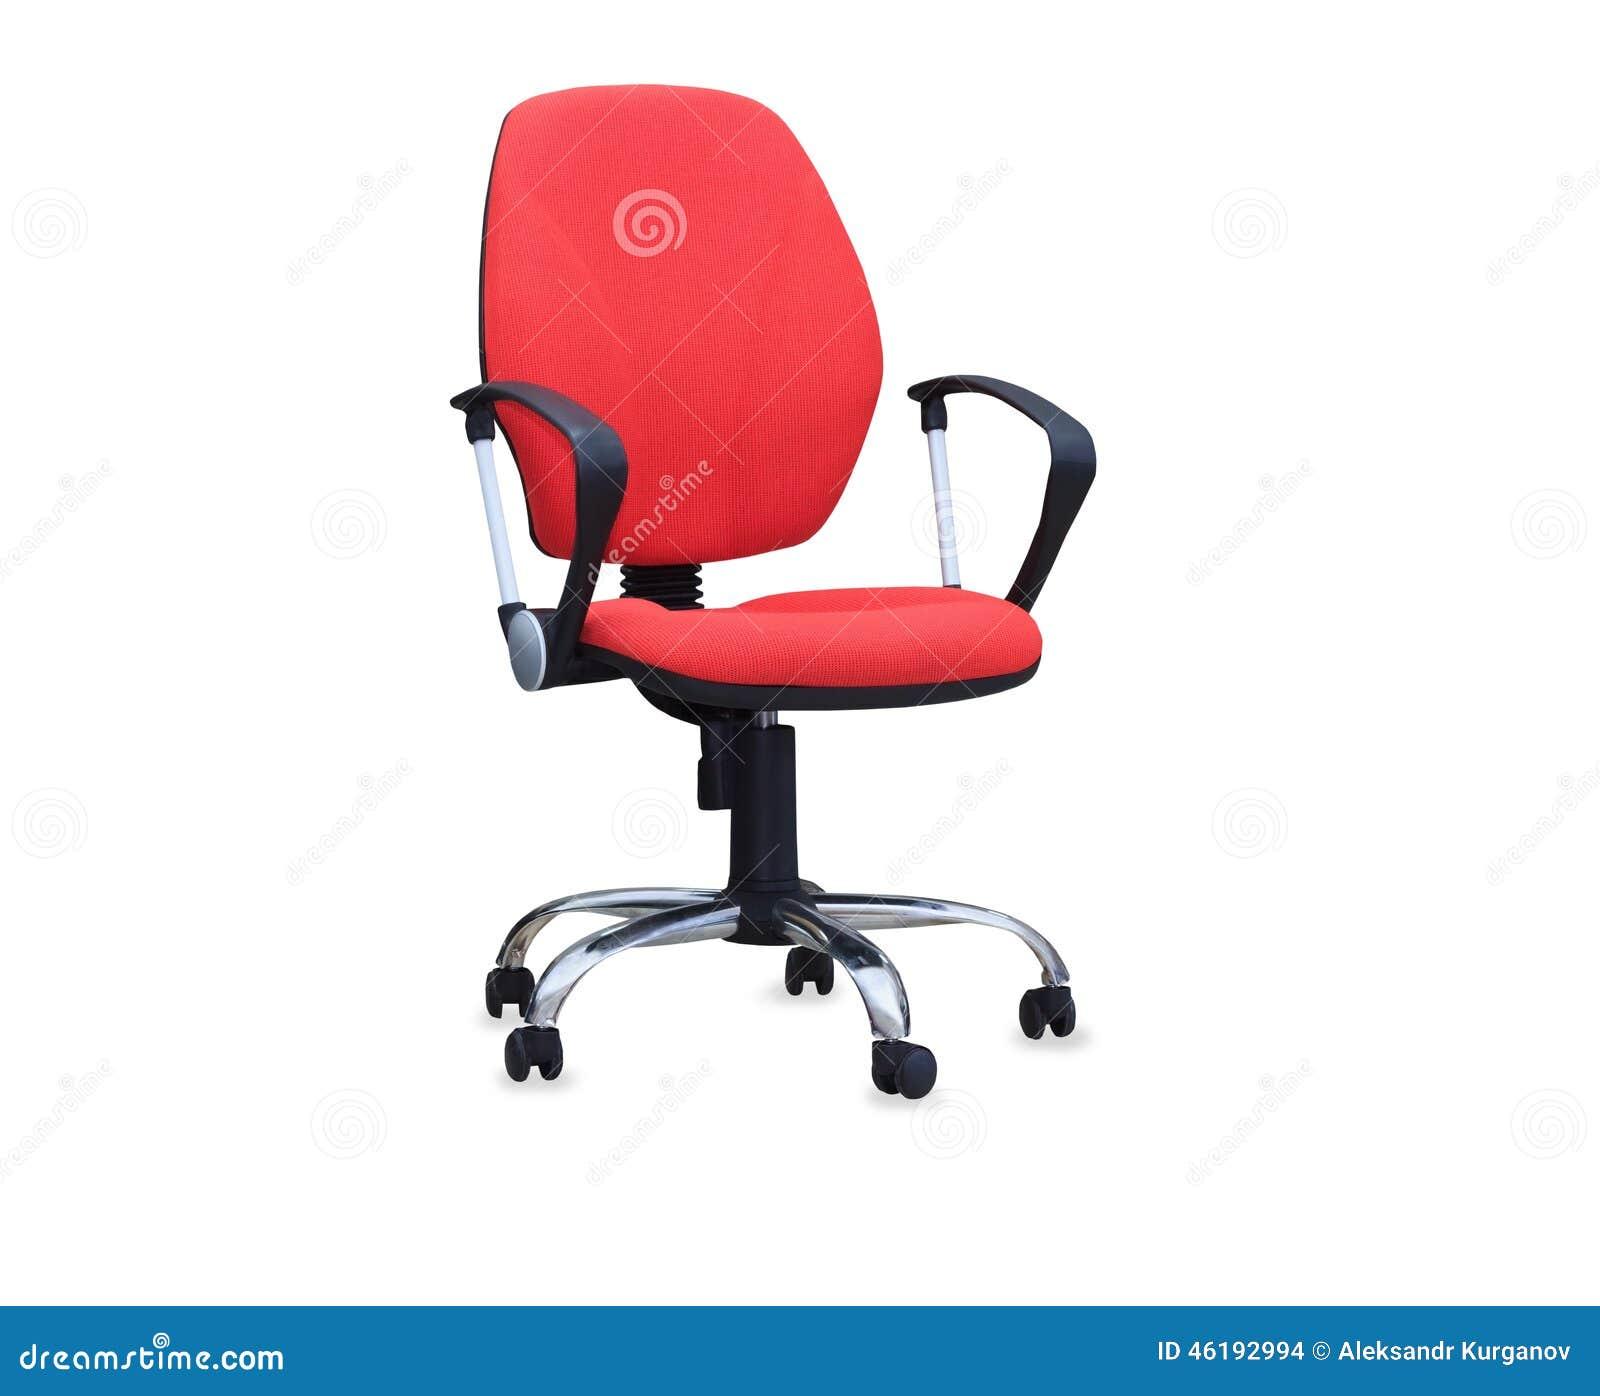 Roue de chaise de bureau valdiz - Roue de chaise de bureau ...